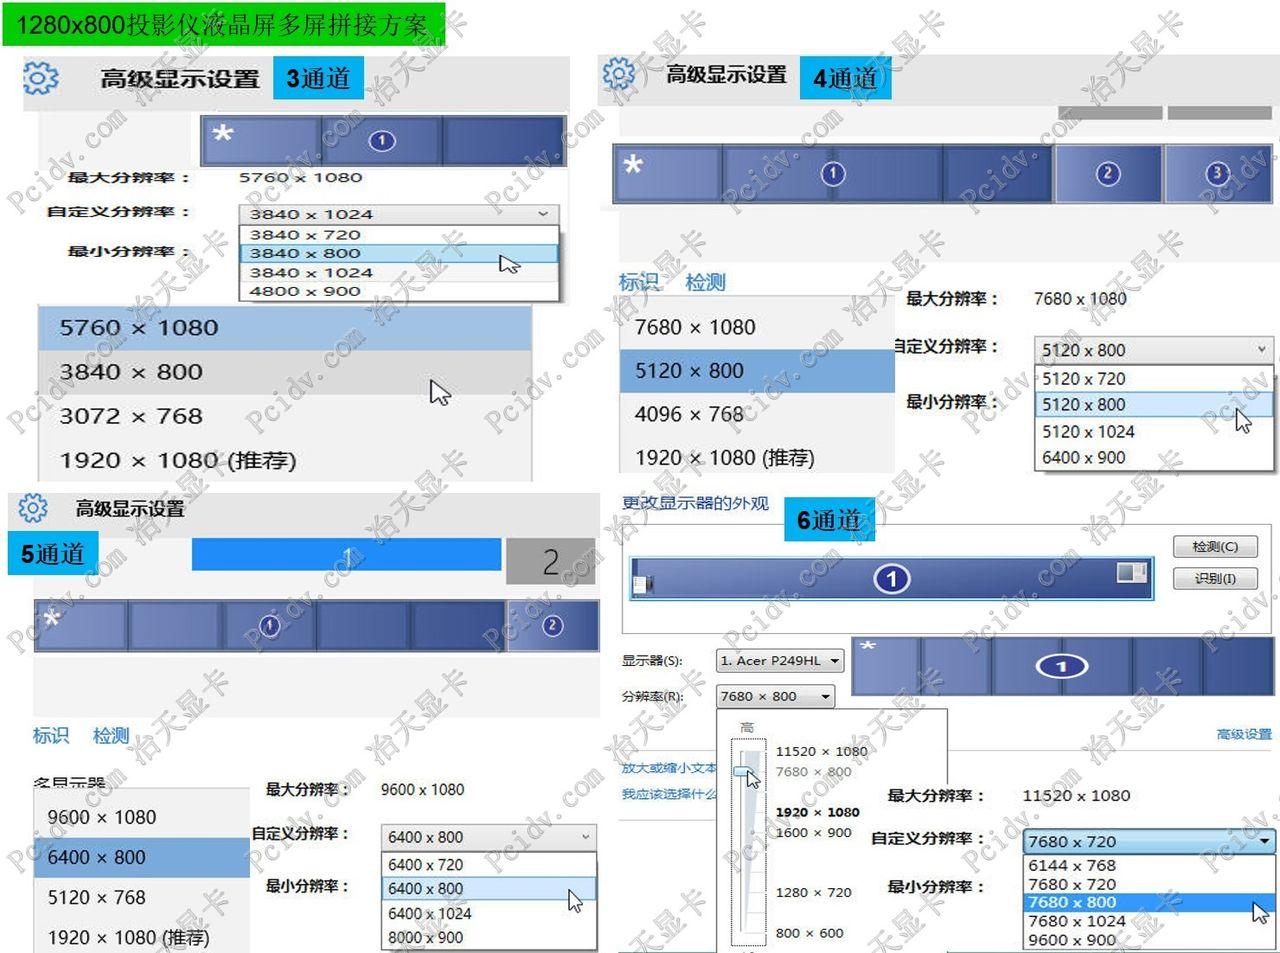 pcidv.com/宽屏1280*800工程投影机多屏拼接融合分辨率